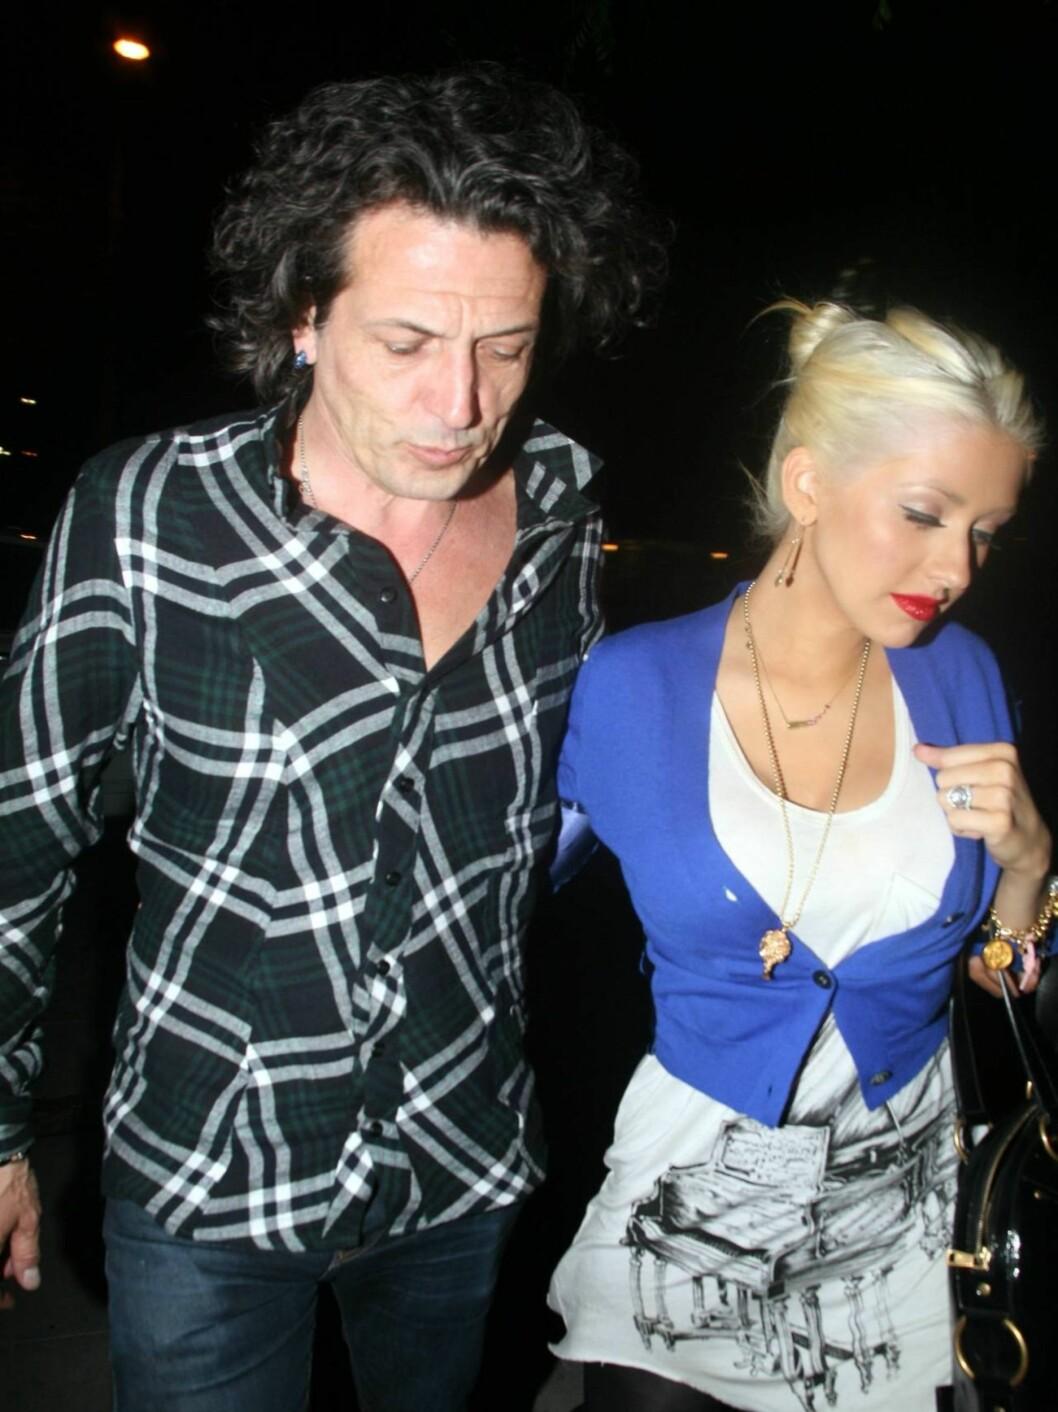 I FARTA: Christina Aguilera var lettere beruset da hun kom ut av en nattklubb i Hollywood forleden. Her er den nybakte mammaen i armene til en ukjent mann.  Foto: All Over Press